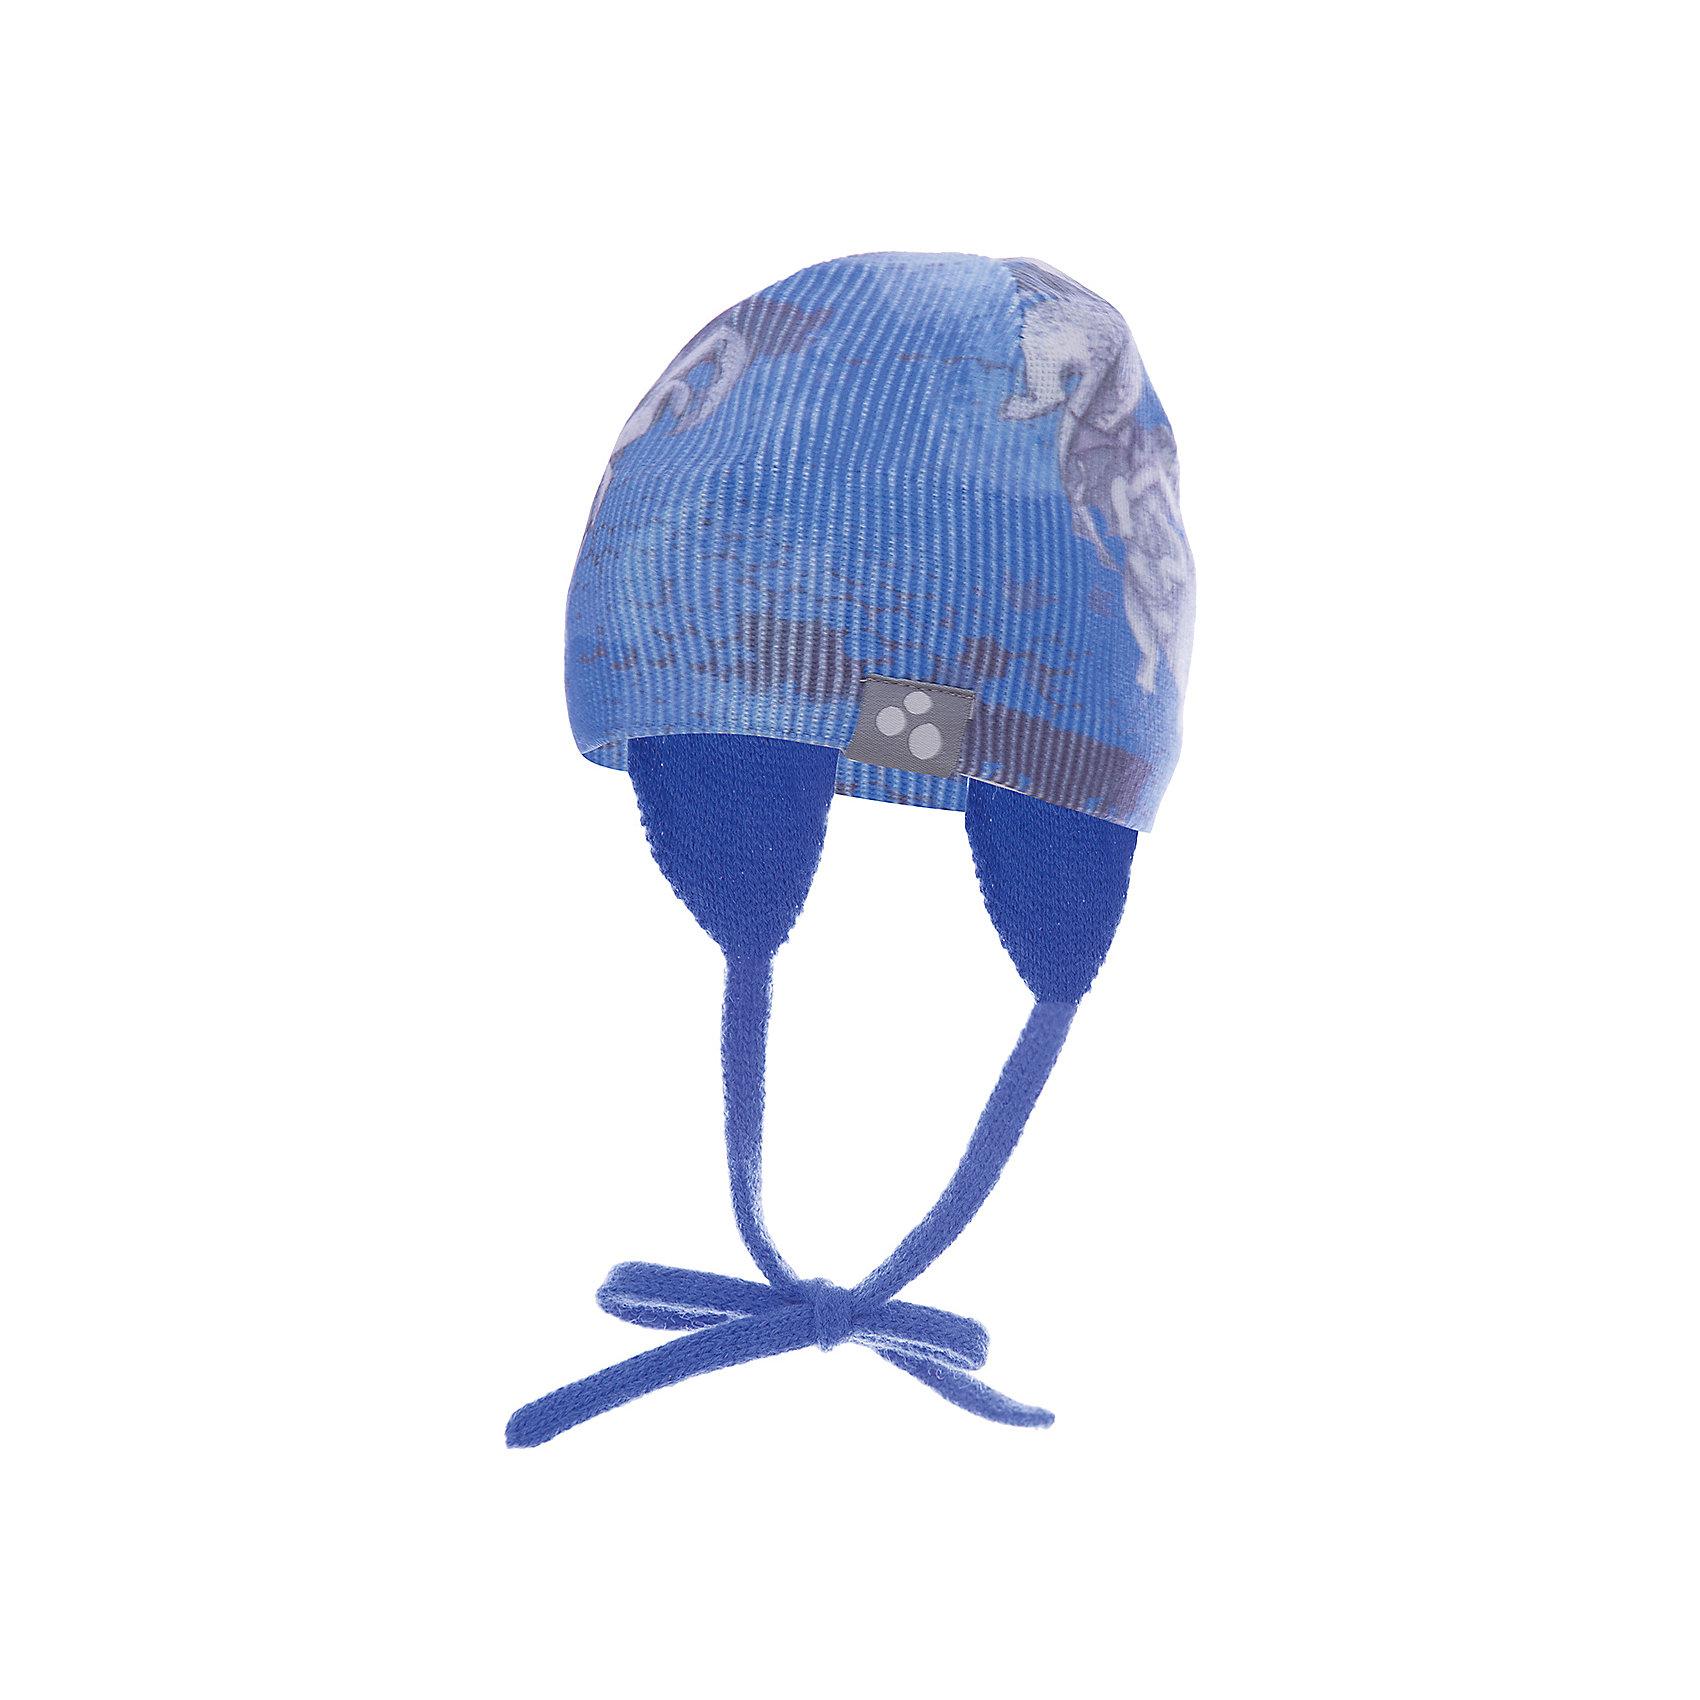 Шапка CAIRO для мальчика HuppaГоловные уборы<br>Характеристики товара:<br><br>• цвет: синий принт<br>• состав: 100% акрил<br>• температурный режим: от 0°С до +10°С<br>• демисезонная<br>• логотип<br>• защита ушей<br>• комфортная посадка<br>• завязки<br>• мягкий материал<br>• страна бренда: Эстония<br><br>Эта шапка обеспечит детям тепло и комфорт. Она сделана из приятного на ощупь мягкого материала. Шапка очень симпатично смотрится, а дизайн и расцветка позволяют сочетать её с различной одеждой. Модель была разработана специально для детей.<br><br>Одежда и обувь от популярного эстонского бренда Huppa - отличный вариант одеть ребенка можно и комфортно. Вещи, выпускаемые компанией, качественные, продуманные и очень удобные. Для производства изделий используются только безопасные для детей материалы. Продукция от Huppa порадует и детей, и их родителей!<br><br>Шапку CAIRO от бренда Huppa (Хуппа) можно купить в нашем интернет-магазине.<br><br>Ширина мм: 89<br>Глубина мм: 117<br>Высота мм: 44<br>Вес г: 155<br>Цвет: синий<br>Возраст от месяцев: 6<br>Возраст до месяцев: 12<br>Пол: Мужской<br>Возраст: Детский<br>Размер: 43-45,55-57,51-53,47-49<br>SKU: 5347672